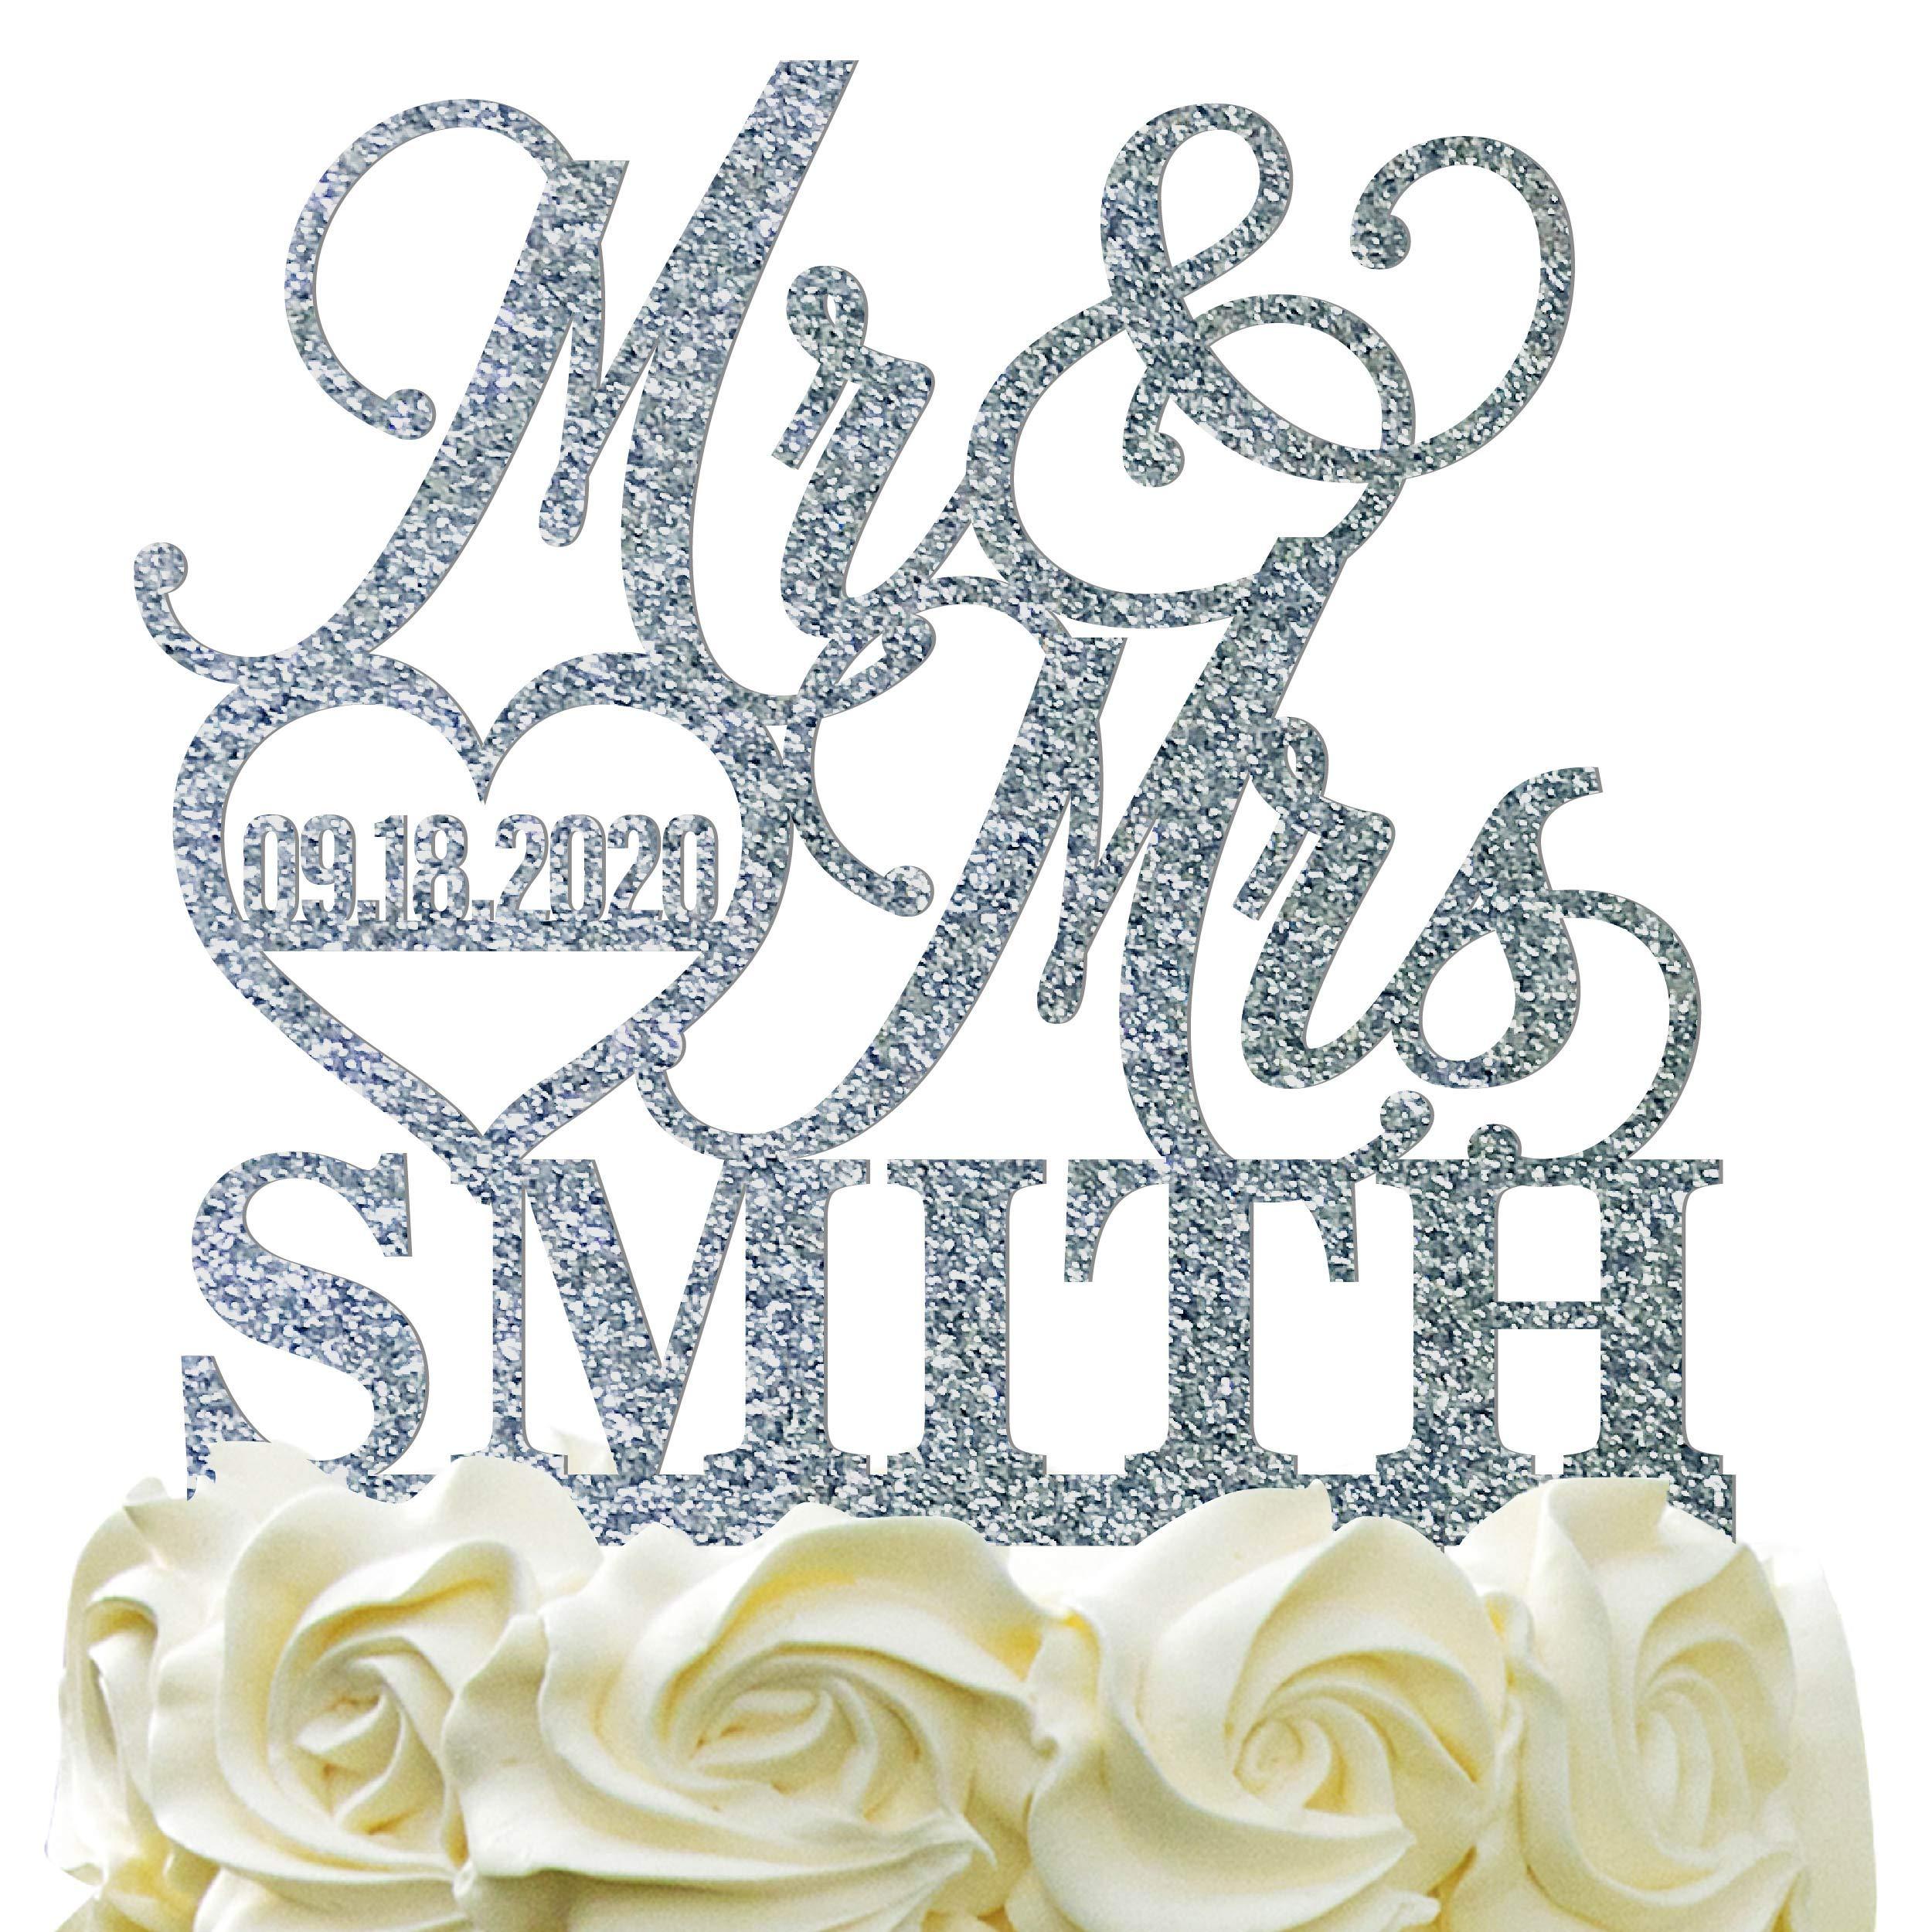 Personalized Wedding Cake Topper - Wedding Cake Decoration Elegant Customized Mr-Mrs, Last Name & Date With HeartGlitter Acrylic